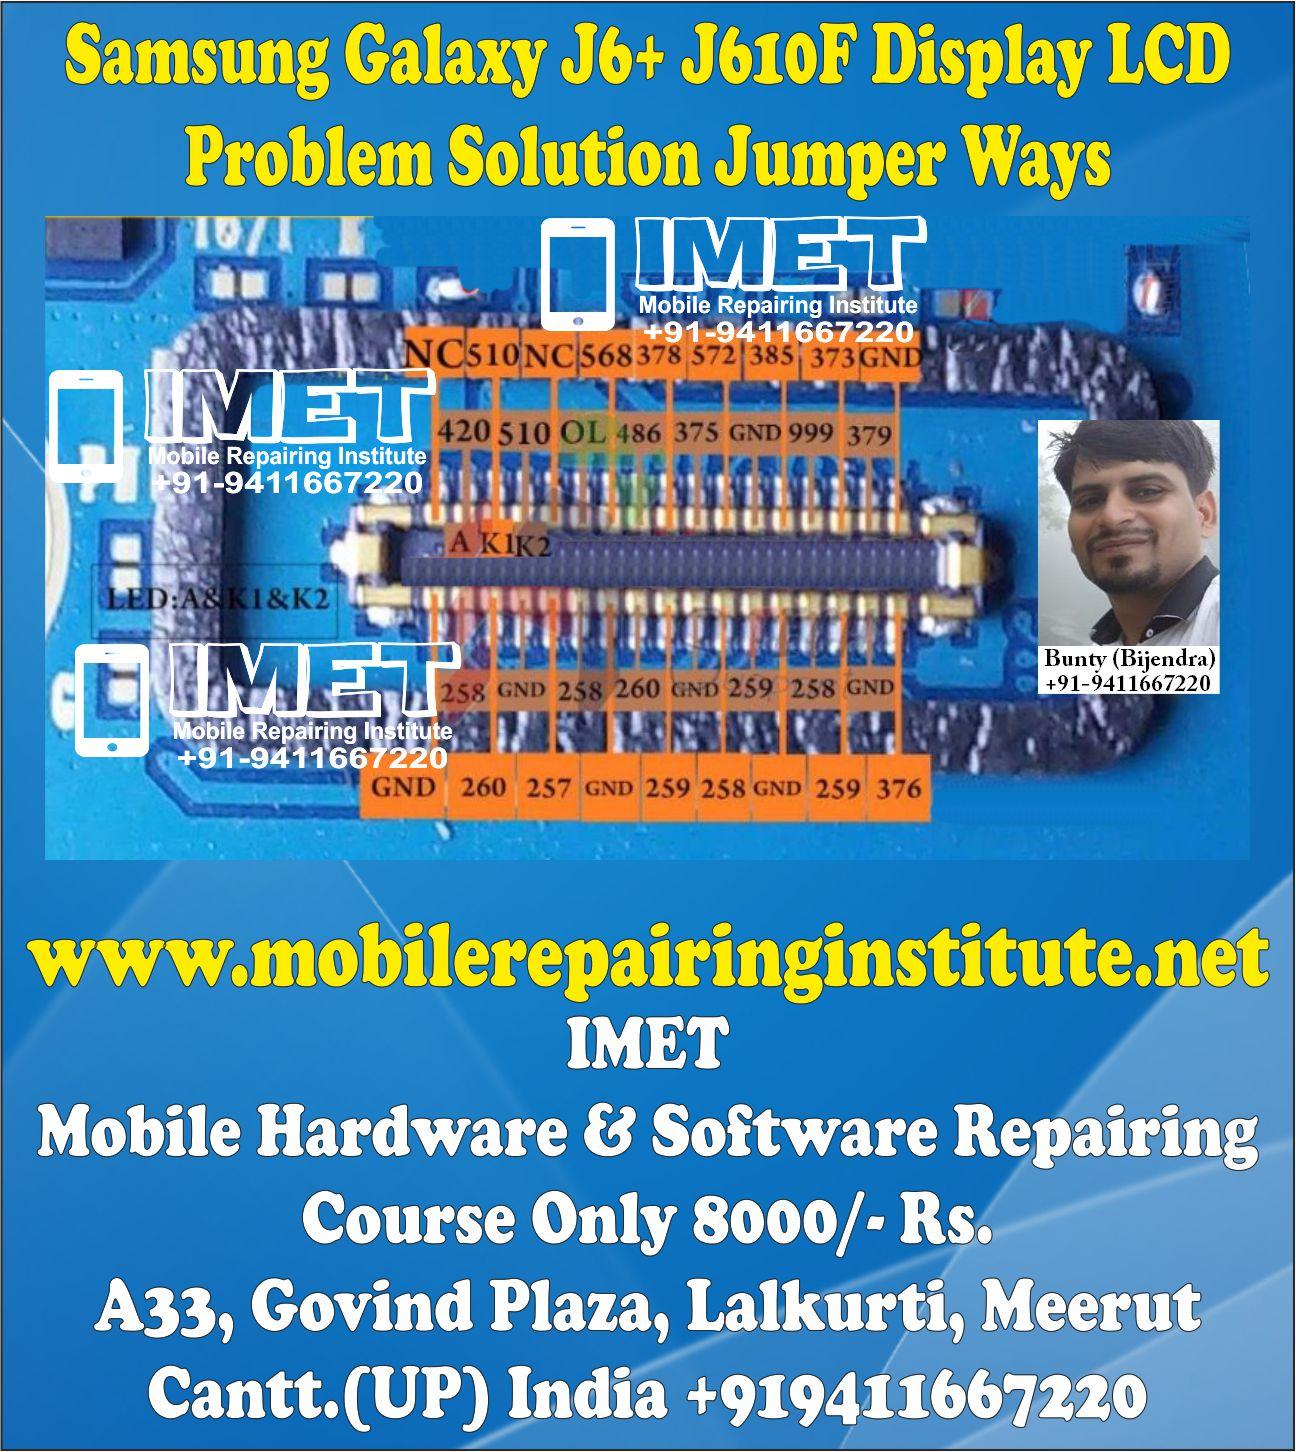 Samsung Galaxy J6+ J610F Display LCD Problem Solution Jumper Ways